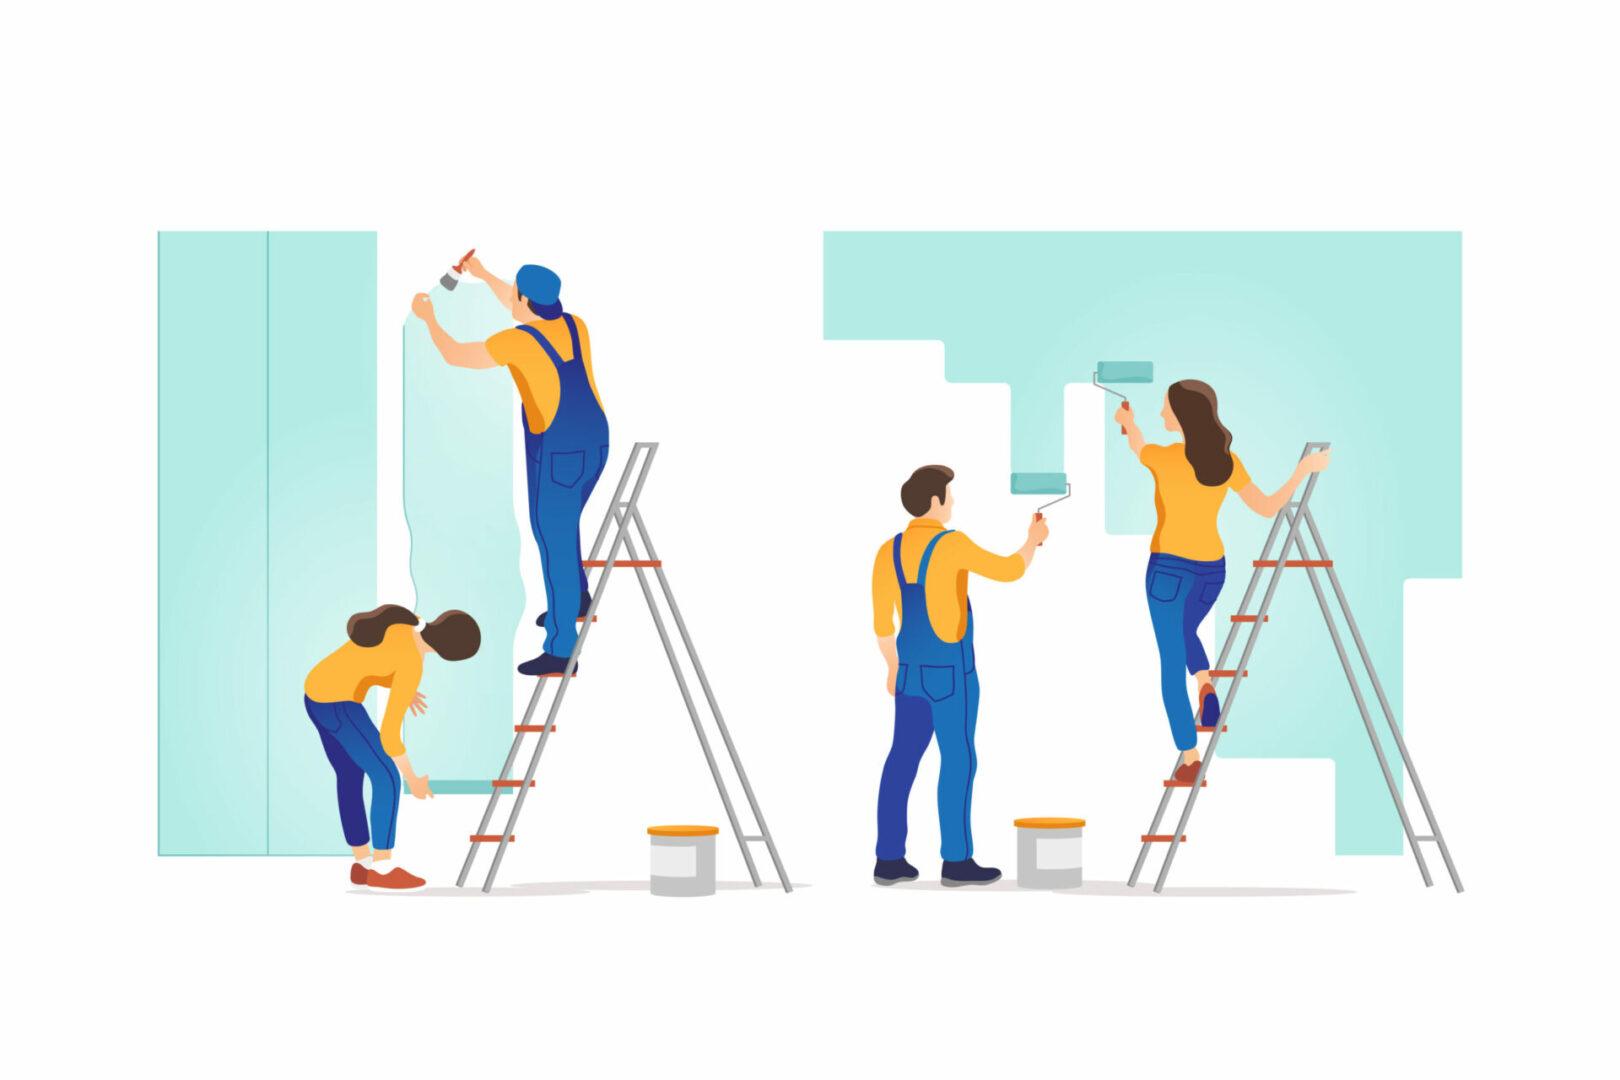 Papel de parede para a casa: quais são as principais vantagens e como escolher? Riva Incorporadora